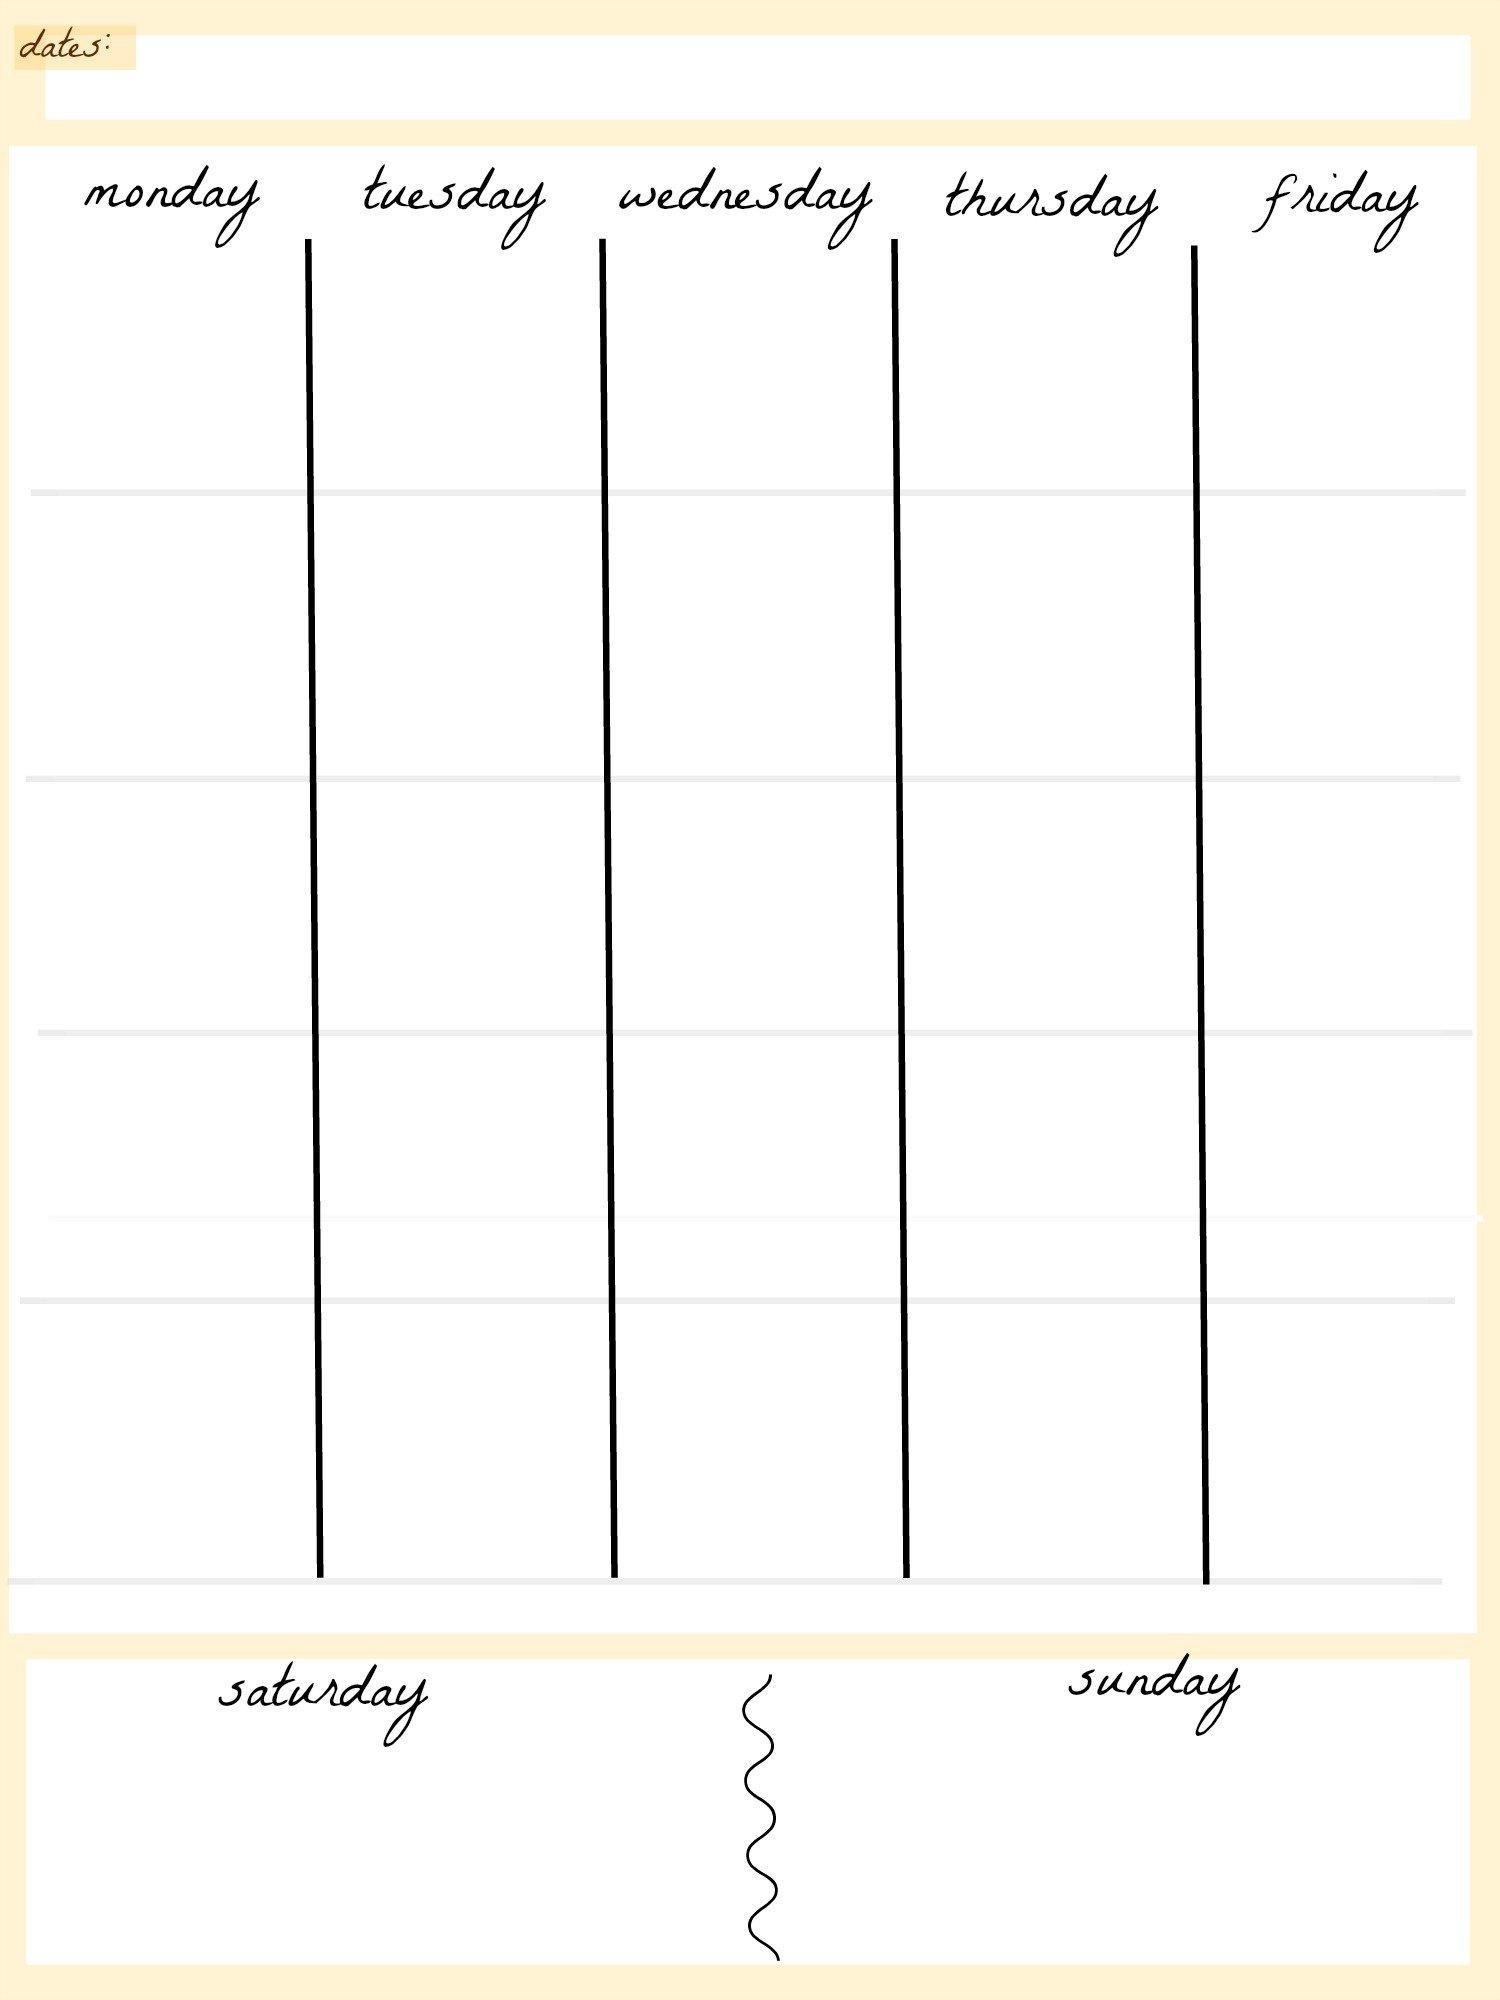 June 2018 – Page 4 – Template Calendar Design Free 4 Week Calendar Templates